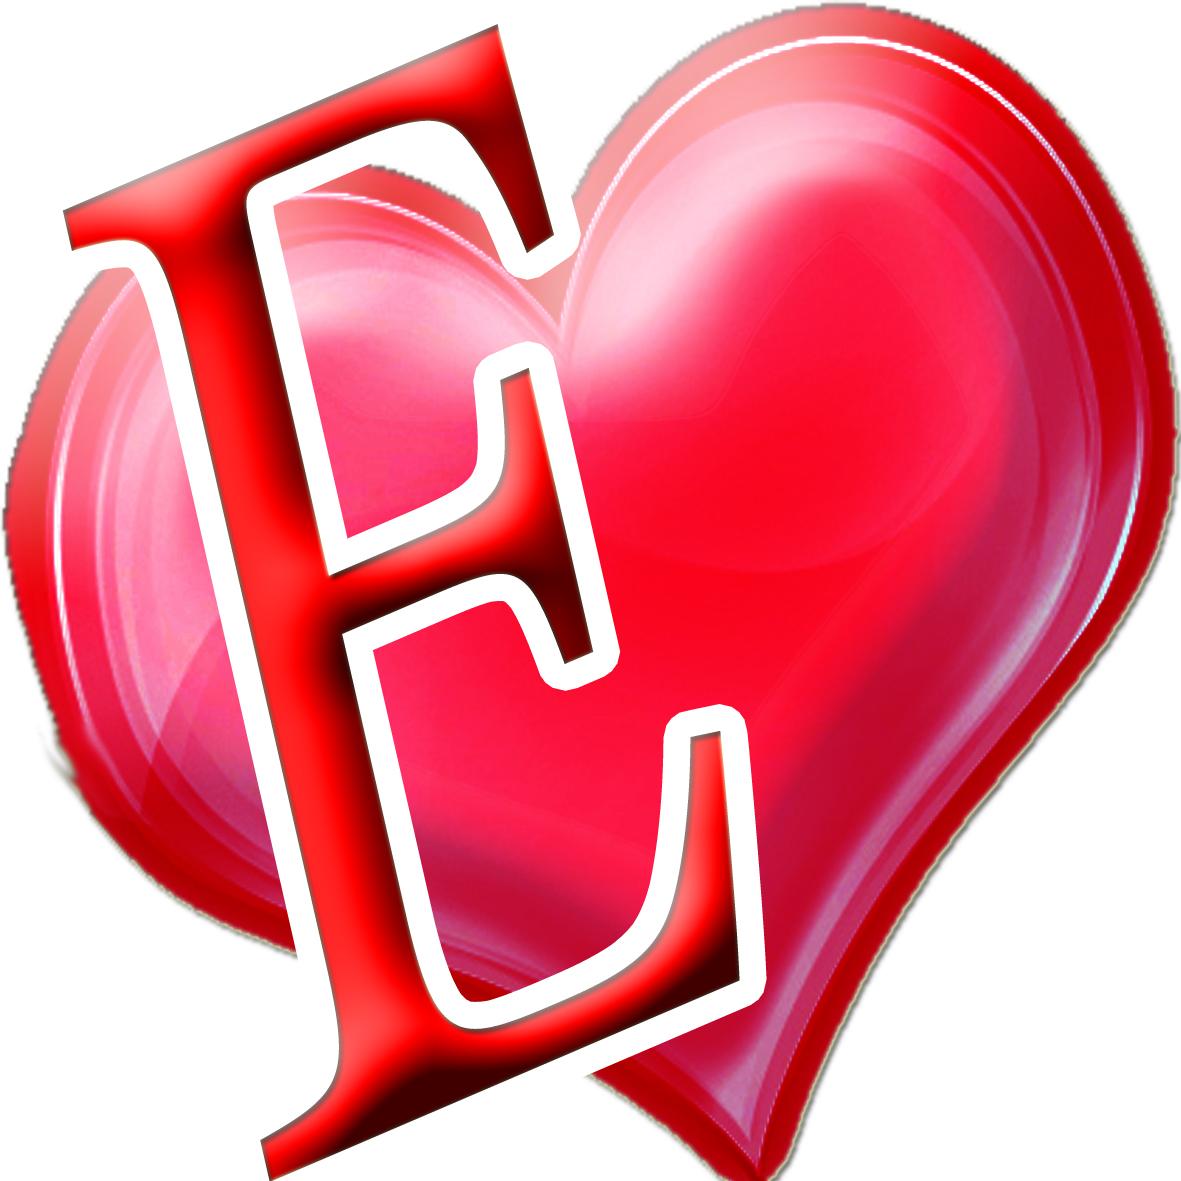 بالصور حرف e على شكل قلب , اجمل خلفيات الحروف الجديده 10490 2